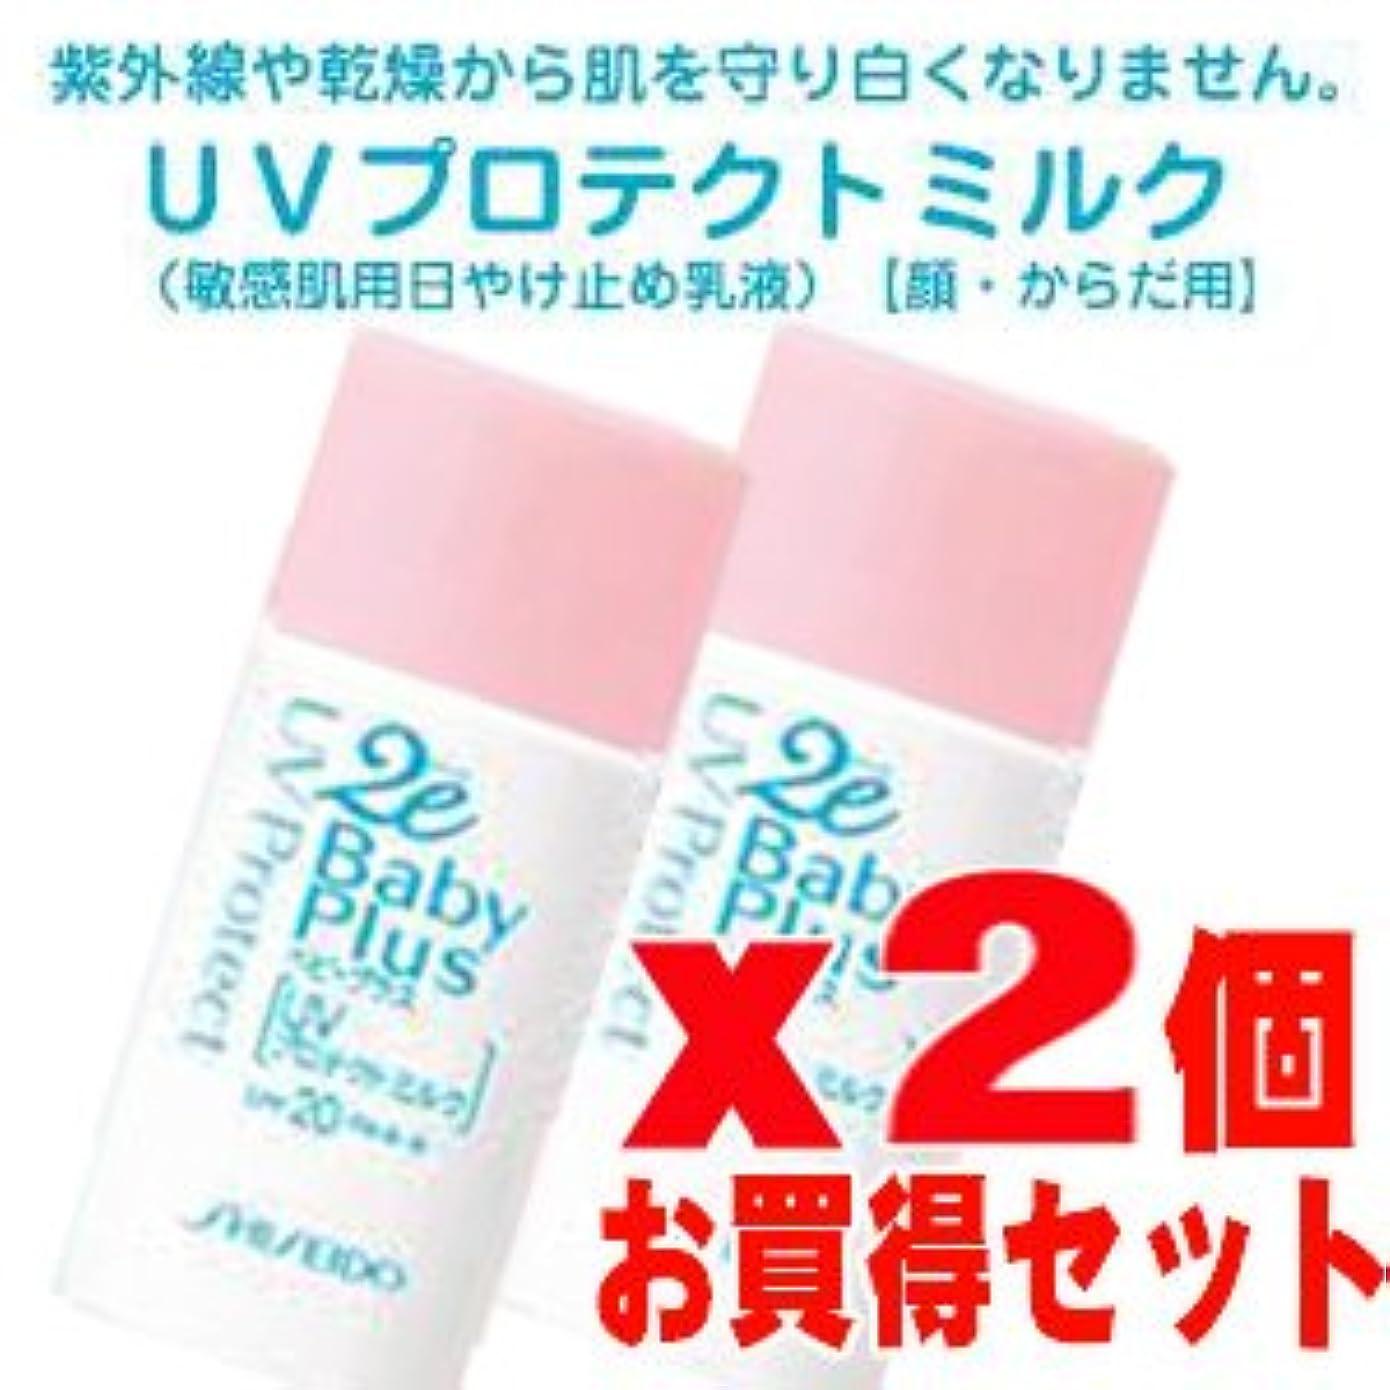 海岸容疑者フォロー2E(ドゥーエ) ベビープラス BABY PLUS UVプロテクトミルク 30MLx2(SPF20?PA++)2個セット